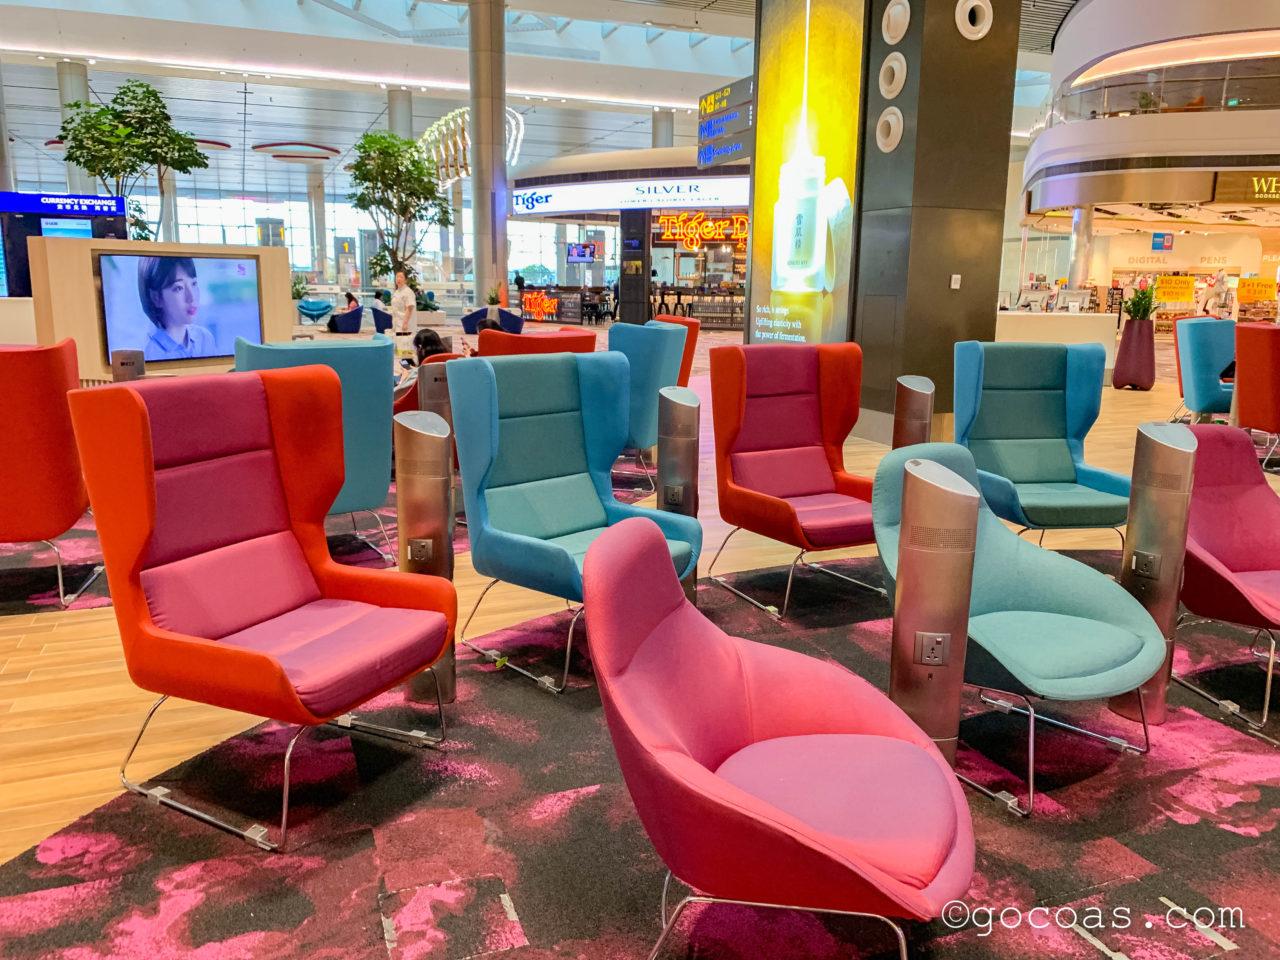 シンガポール・チャンギ国際空港の搭乗エリアに並ぶテレビと椅子